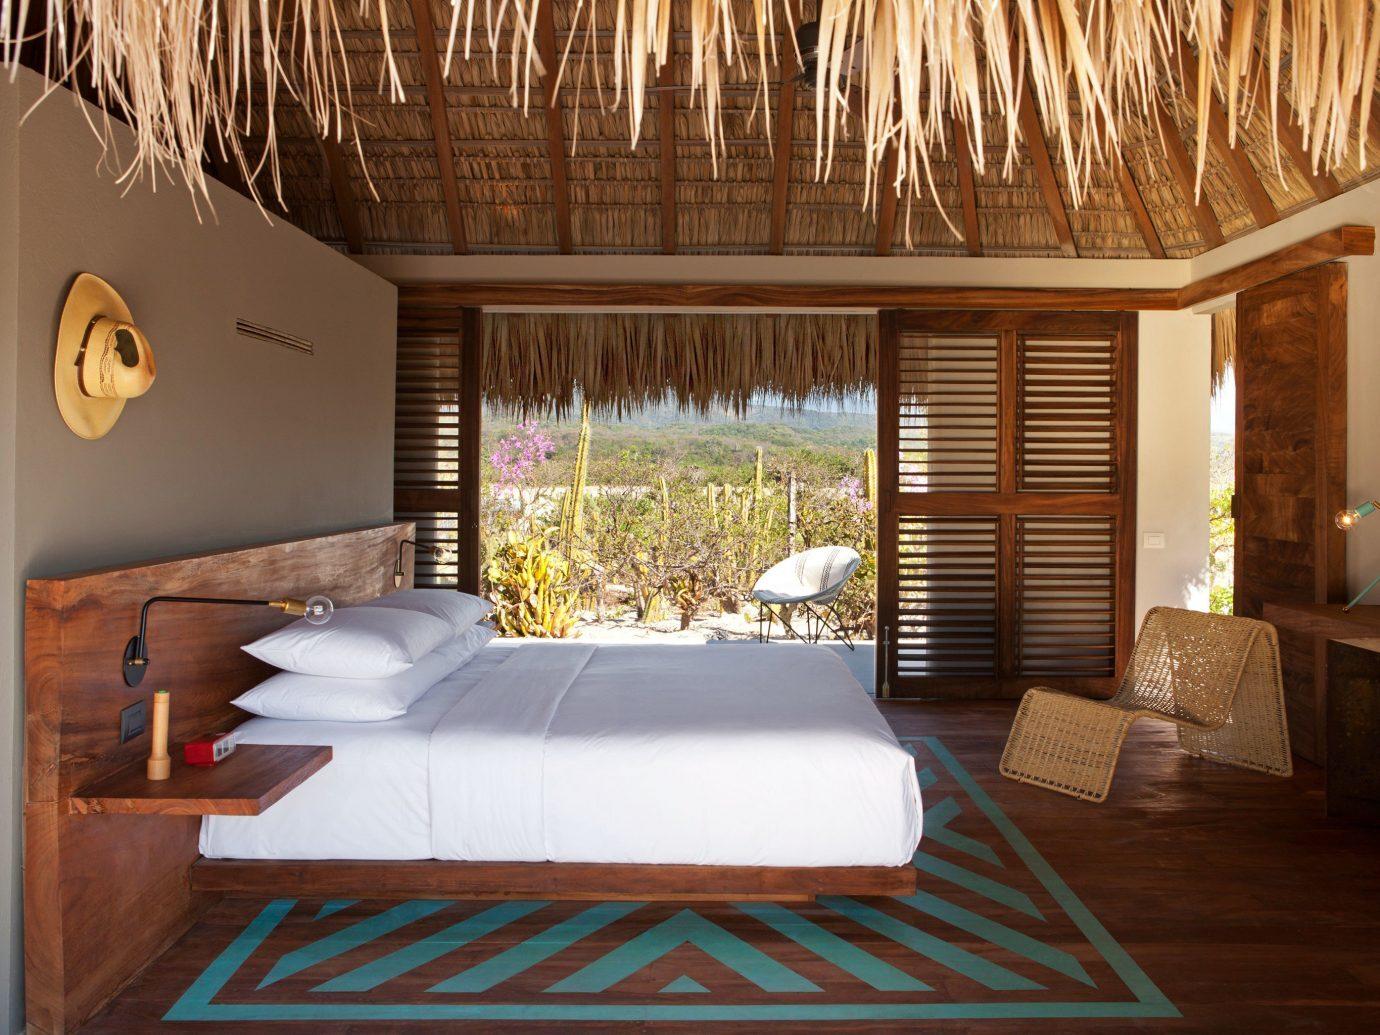 Bedroom at Hotel Escondido, Puerto Escondido